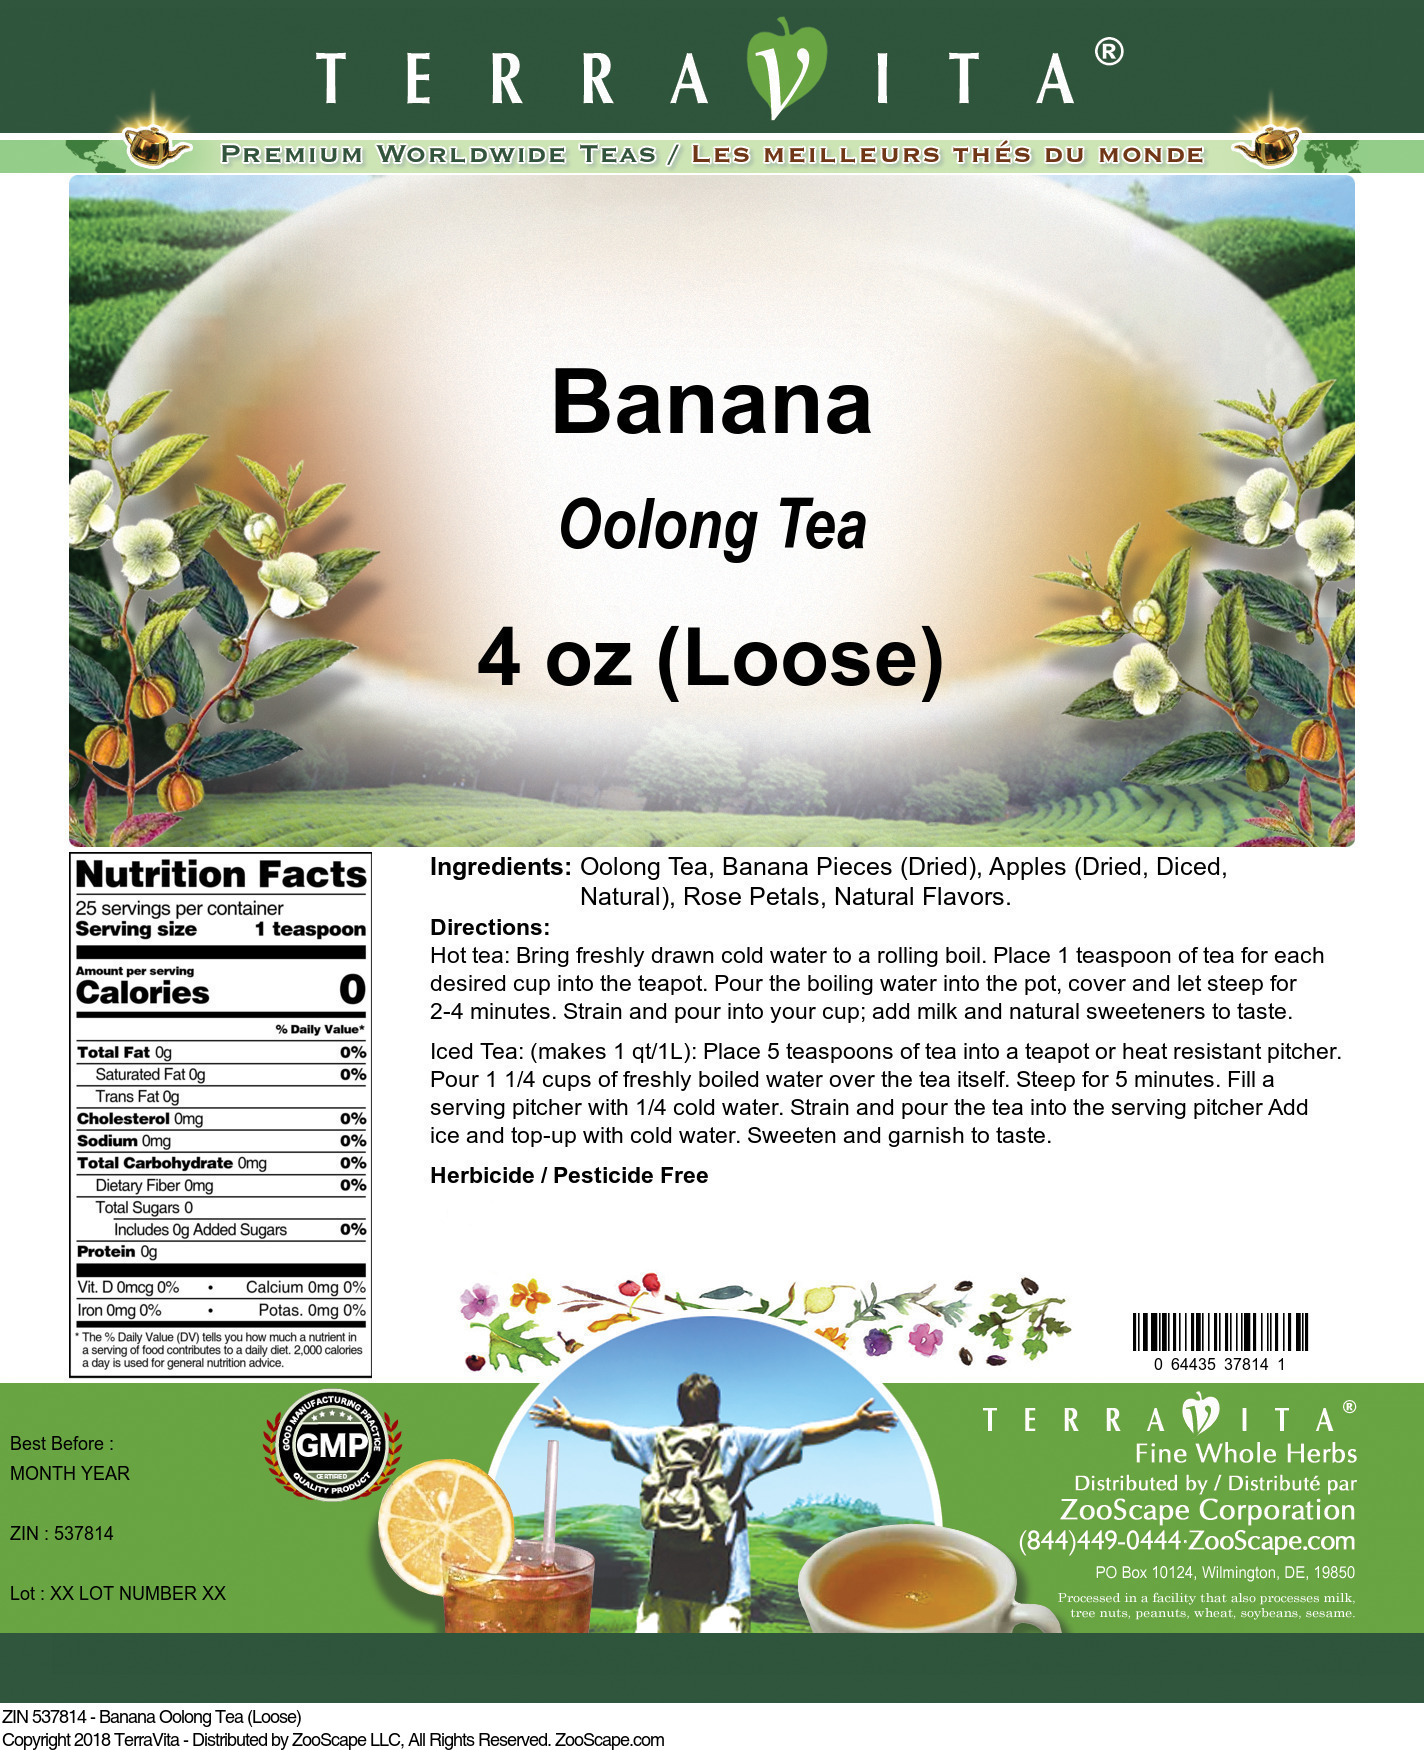 Banana Oolong Tea (Loose)